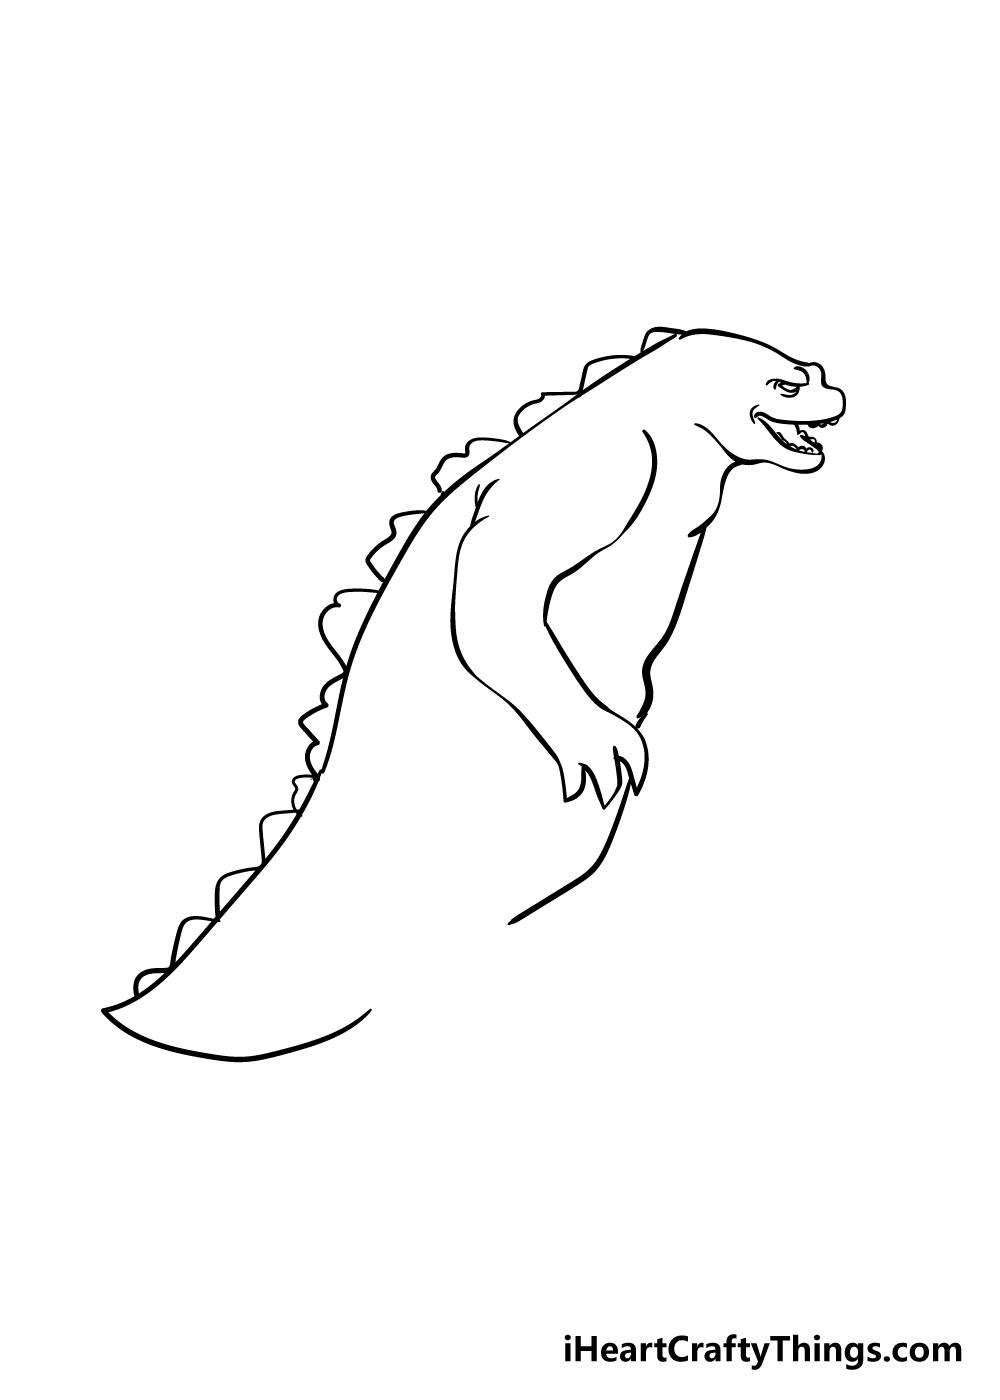 Godzilla drawing step 4